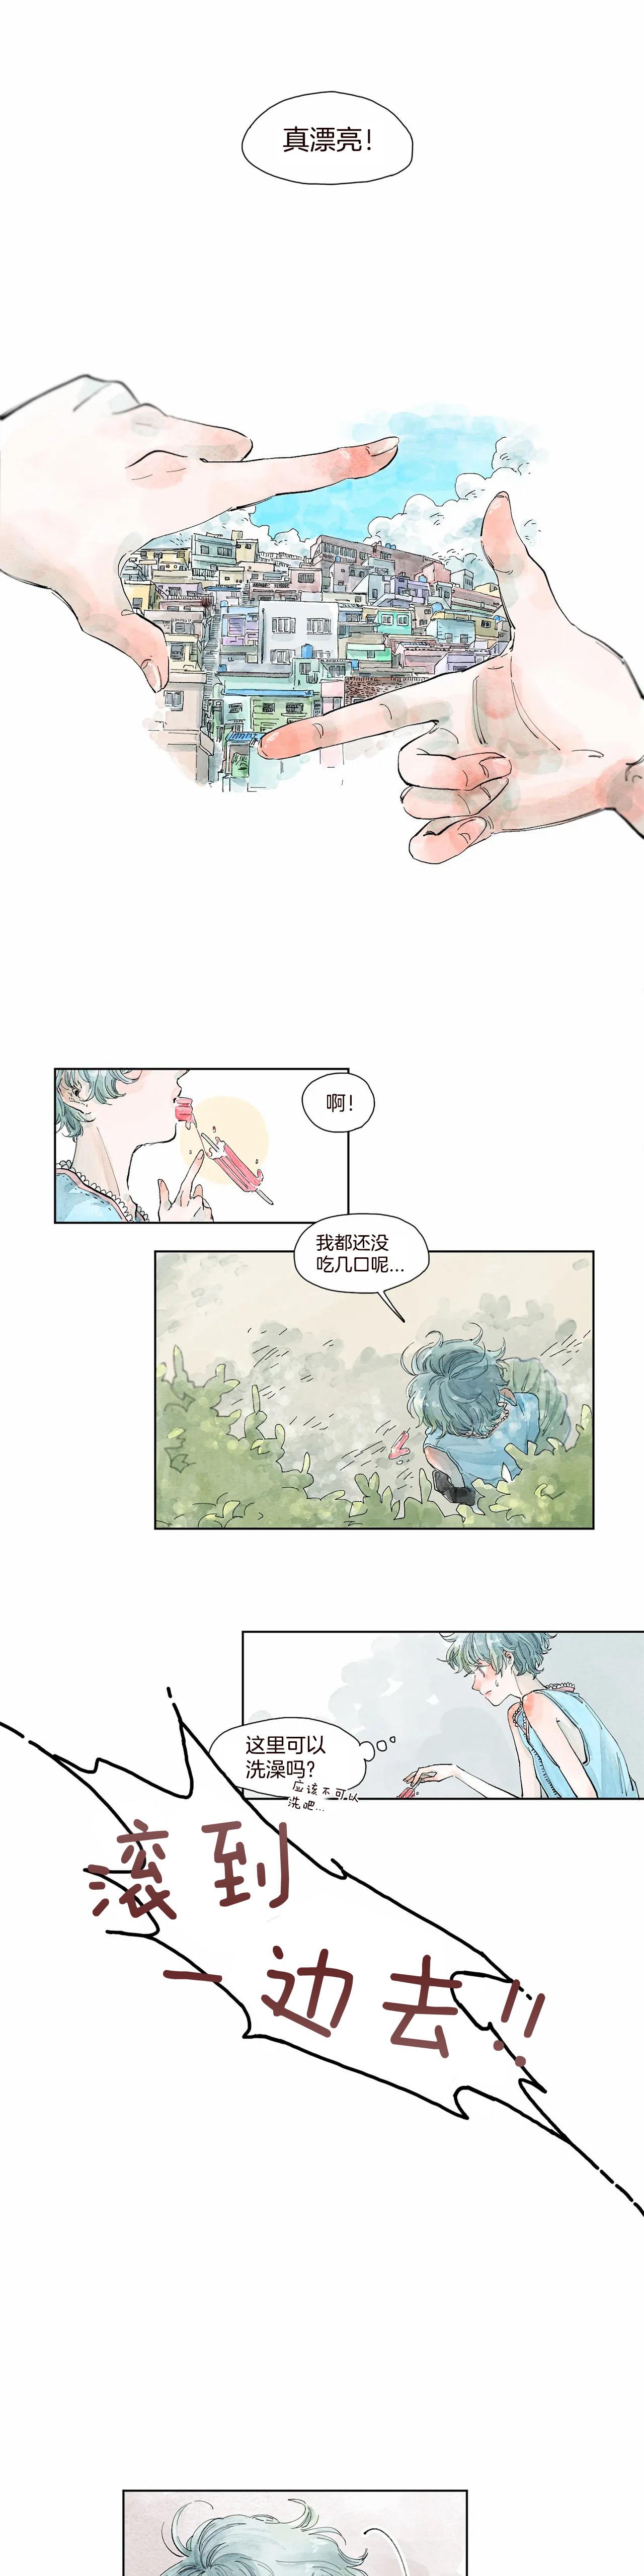 果实盛开的时间-漫画下拉式在线阅读_最新连载更新至40话-啵乐漫画